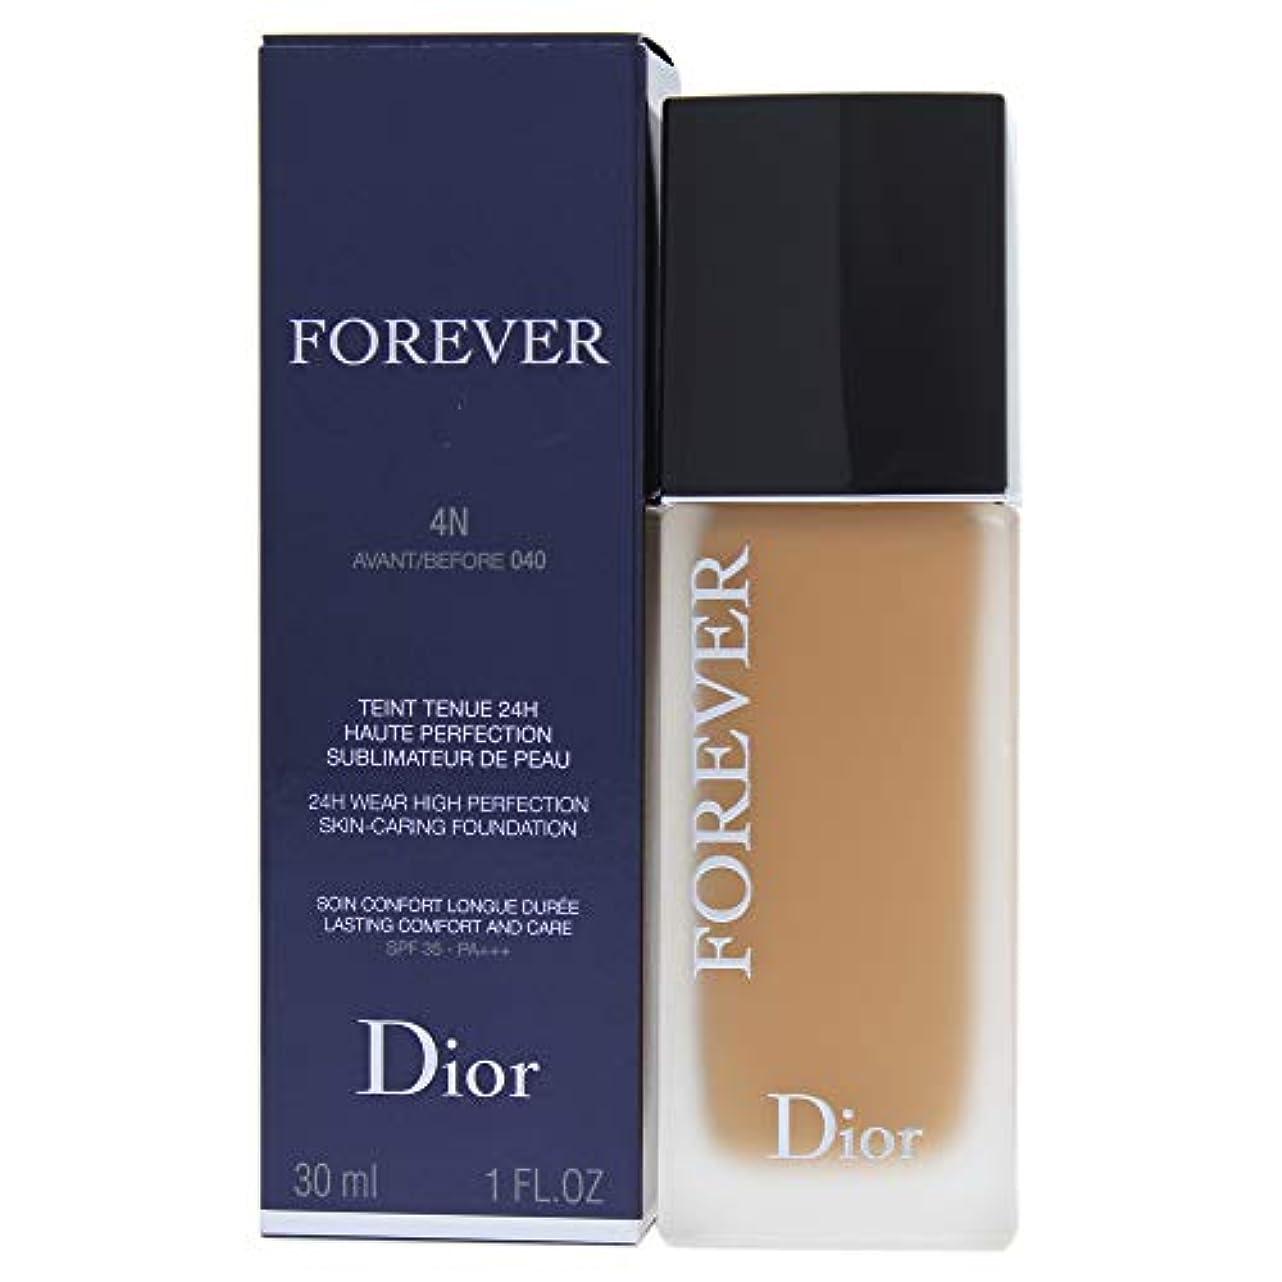 処理する高度な借りているクリスチャンディオール Dior Forever 24H Wear High Perfection Foundation SPF 35 - # 4N (Neutral) 30ml/1oz並行輸入品